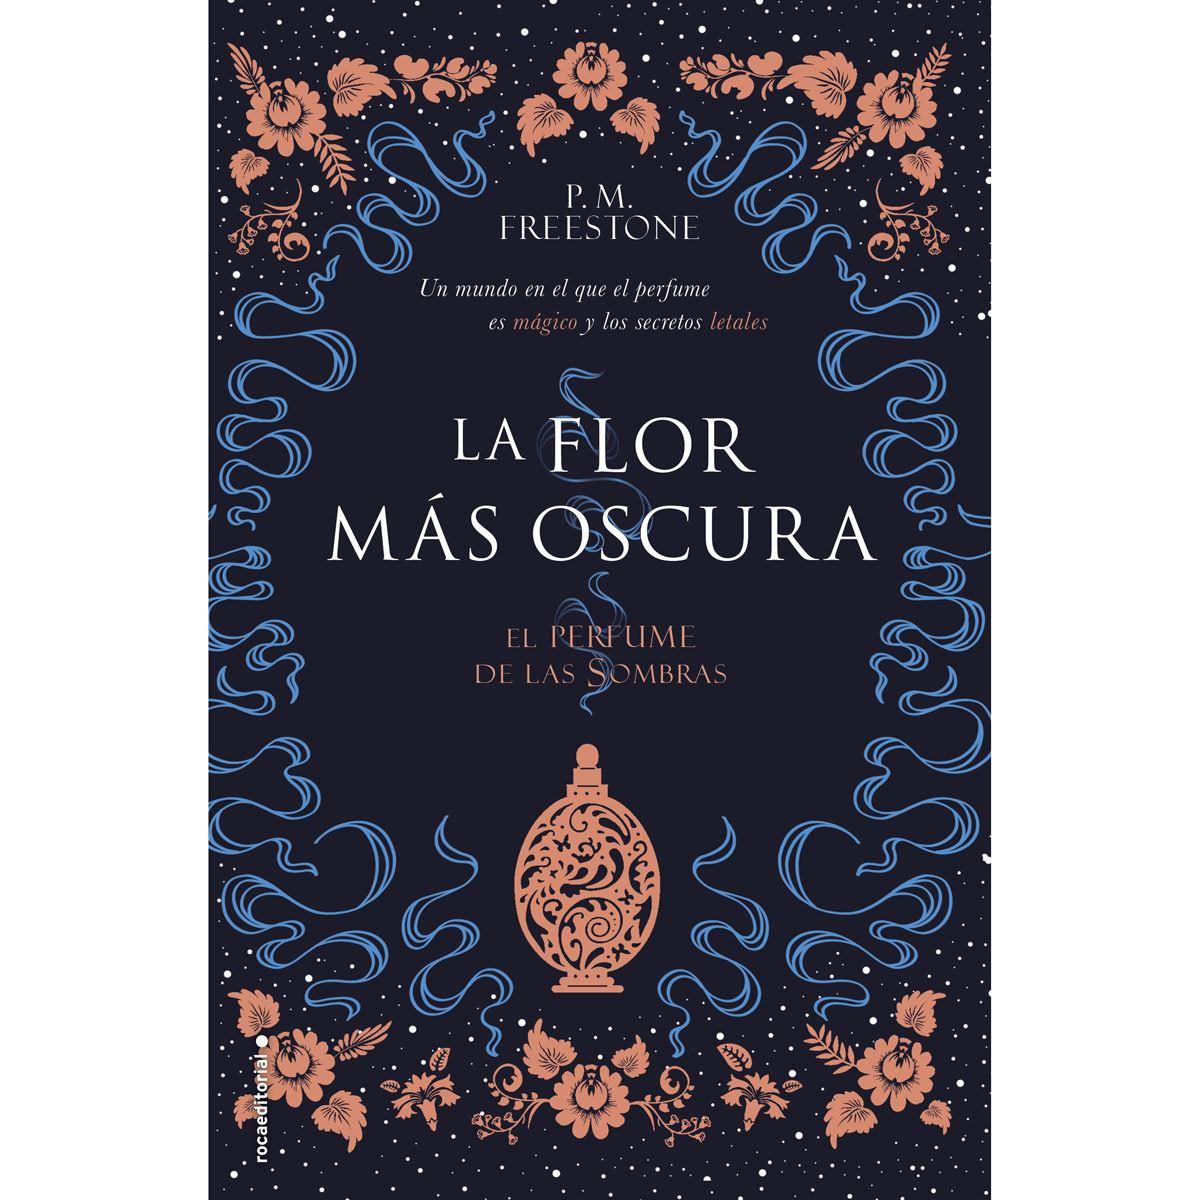 FLOR MÁS OSCURA. EL PERFUME DE LAS SOMBRAS